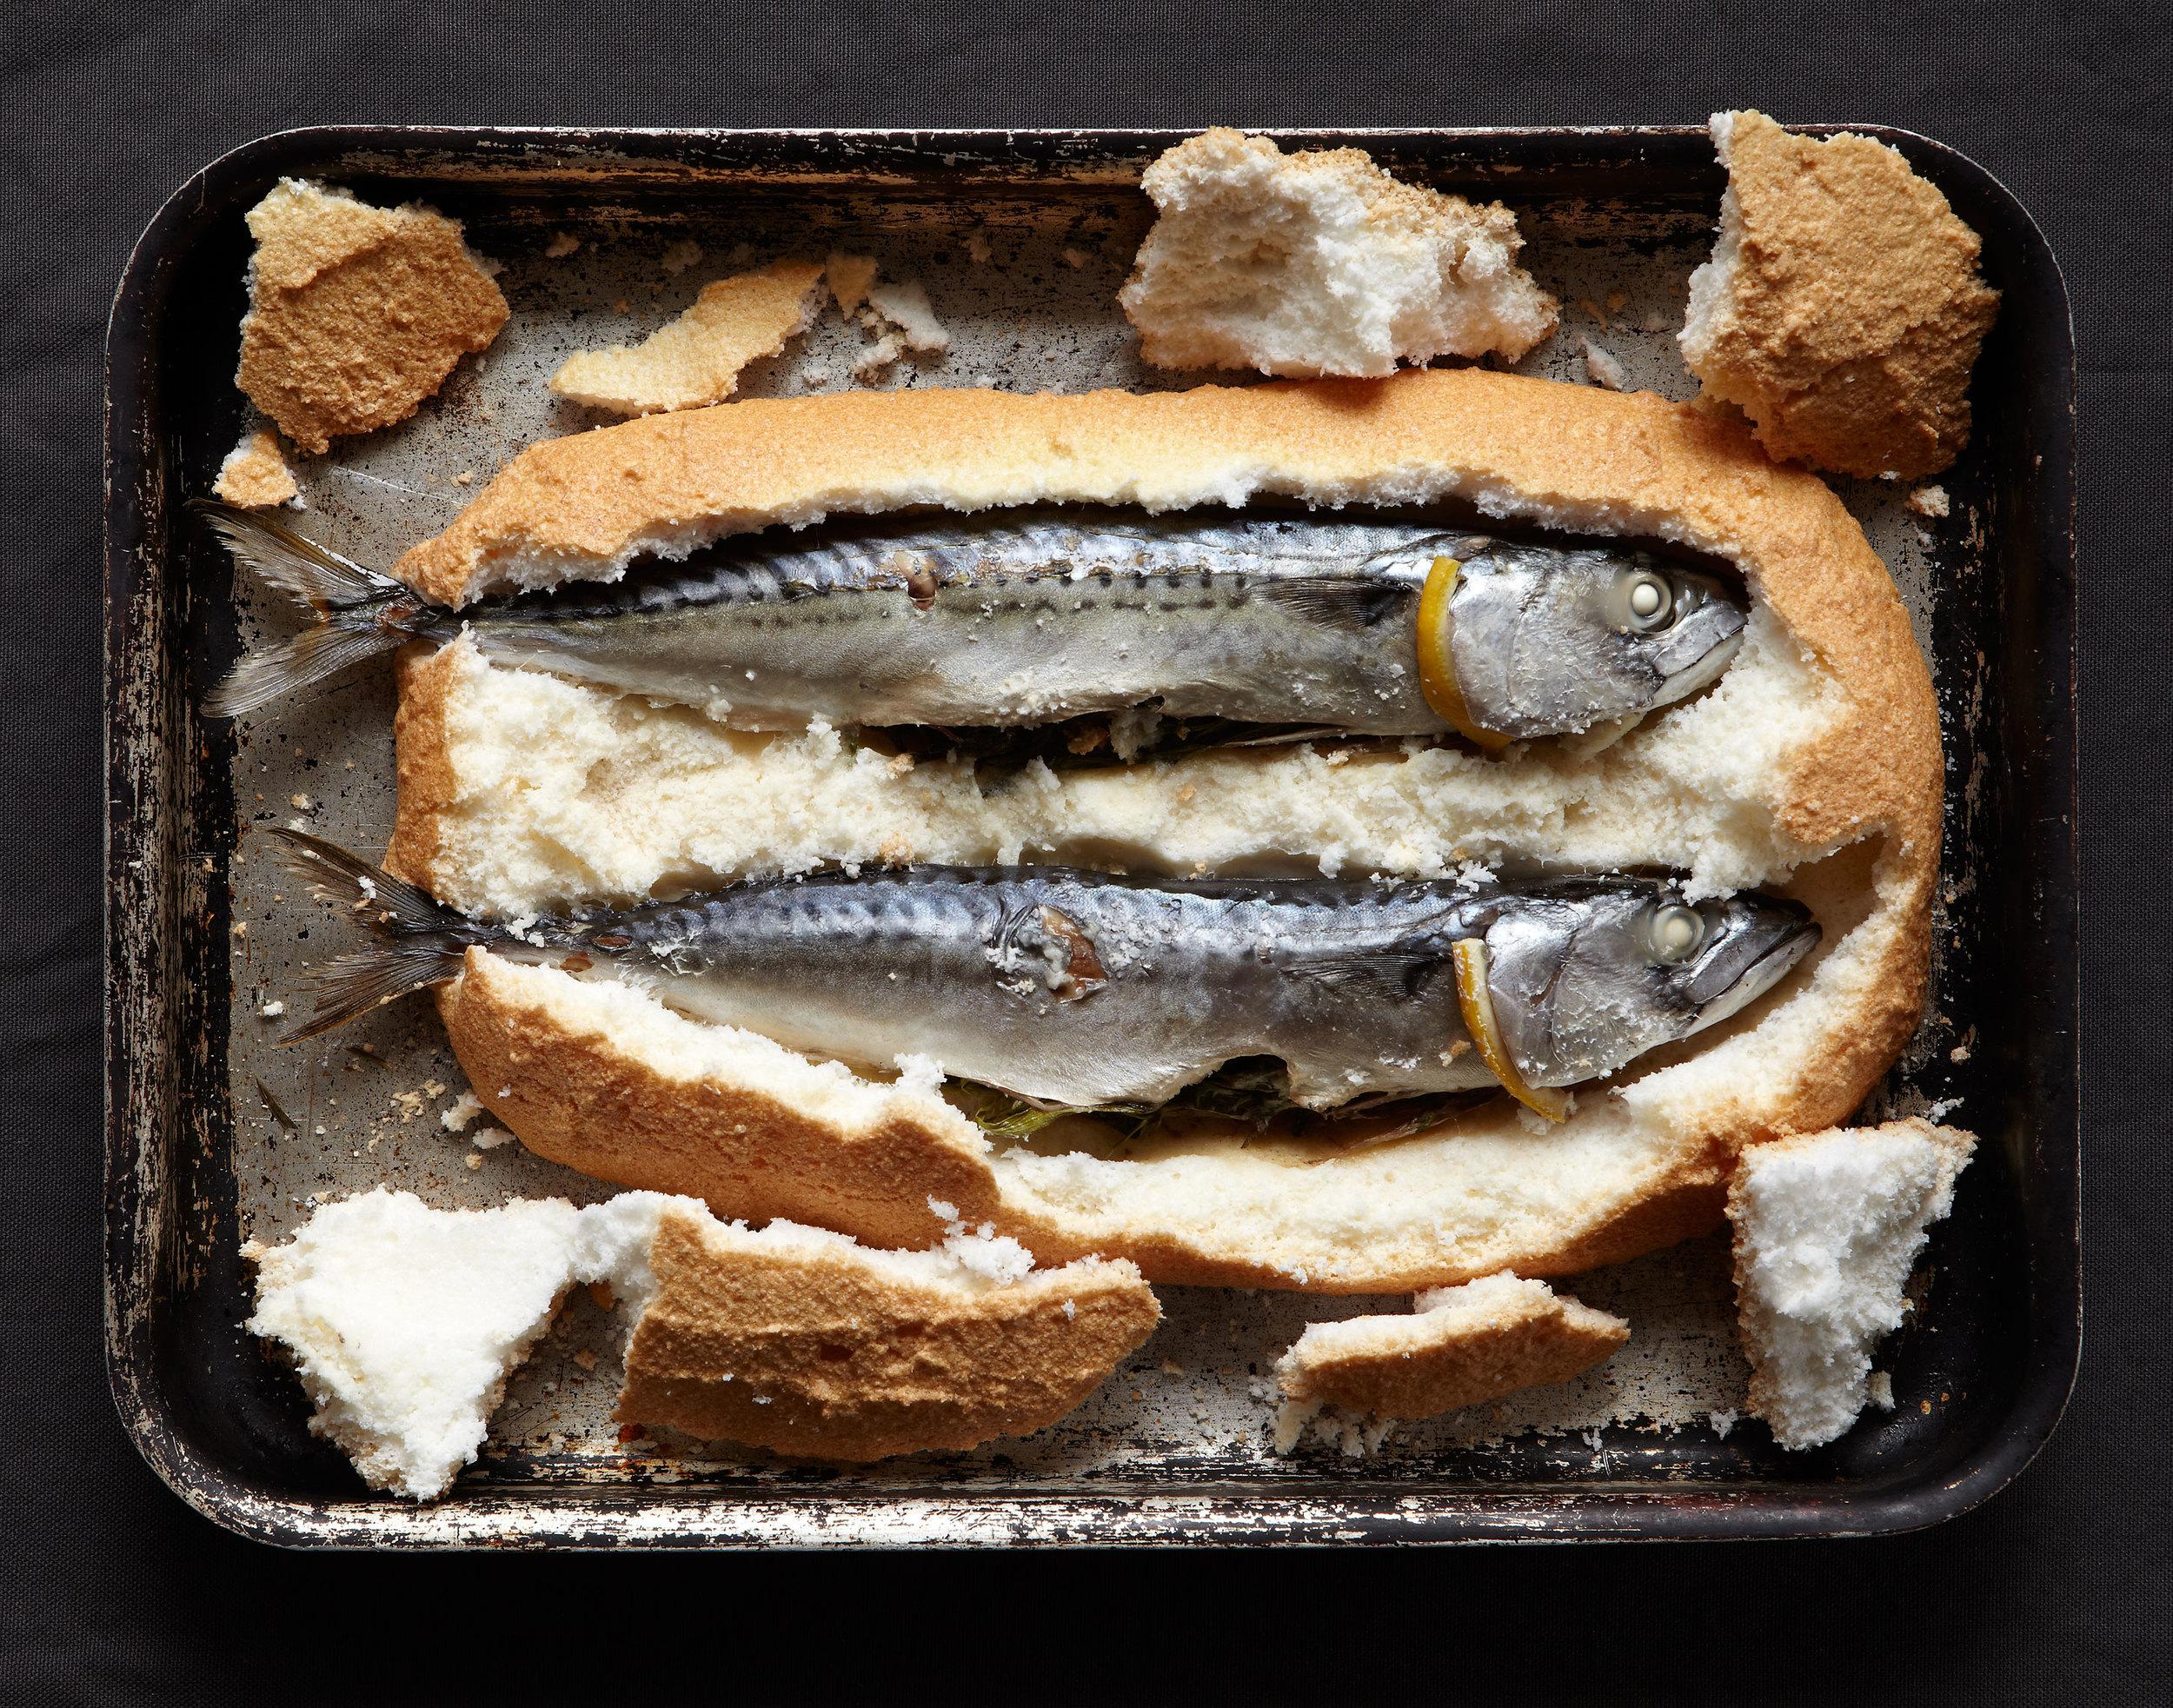 cookedfish.jpg